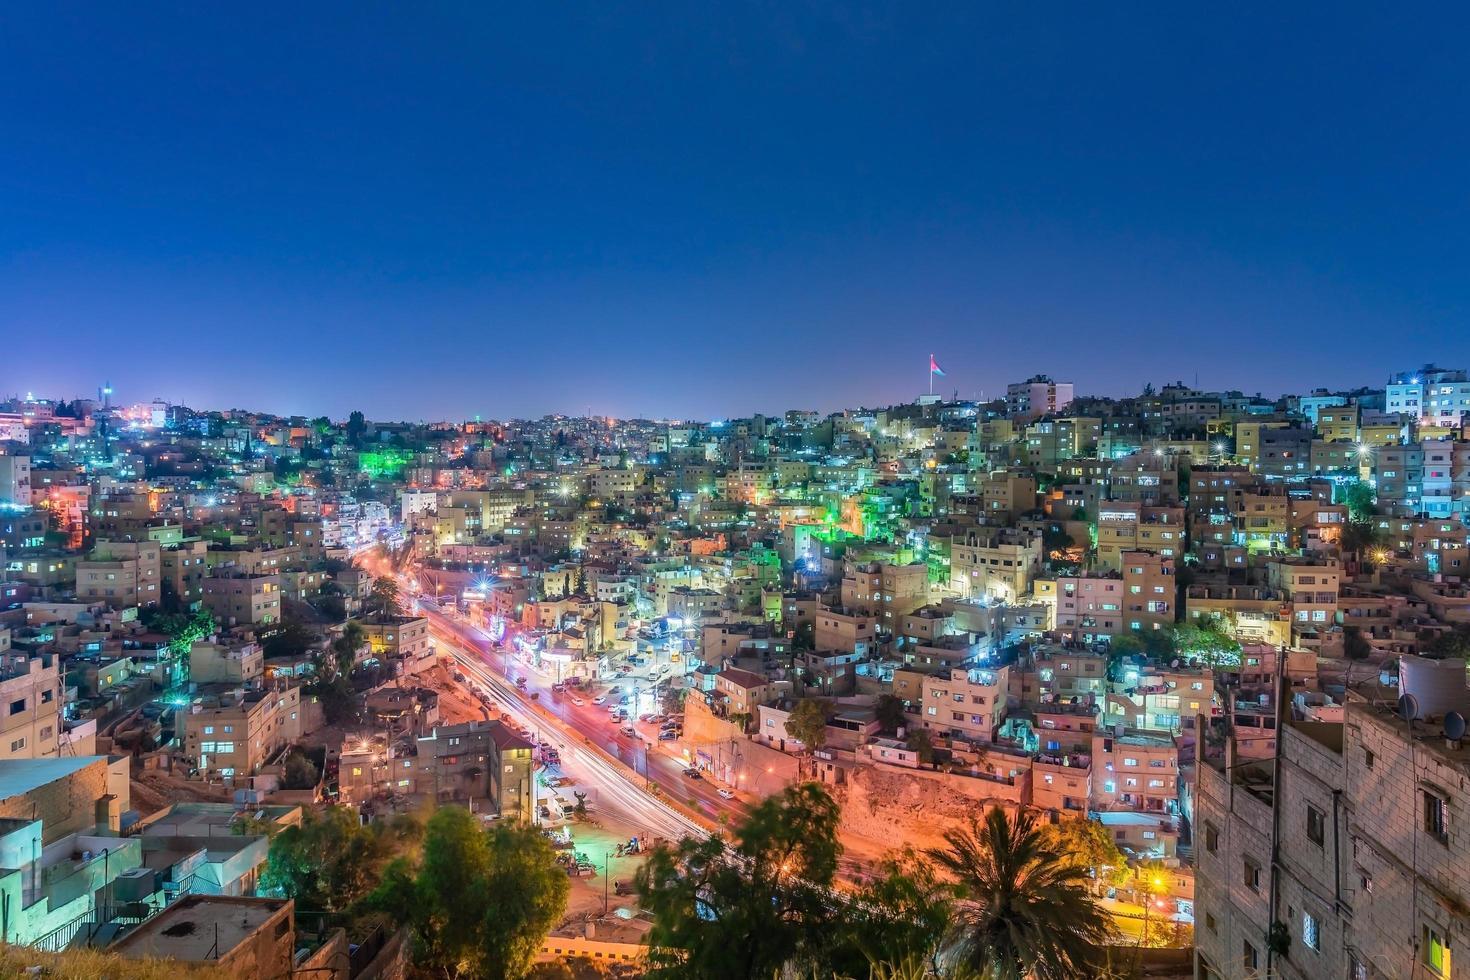 paesaggio urbano del centro di Amman al crepuscolo, in Giordania foto